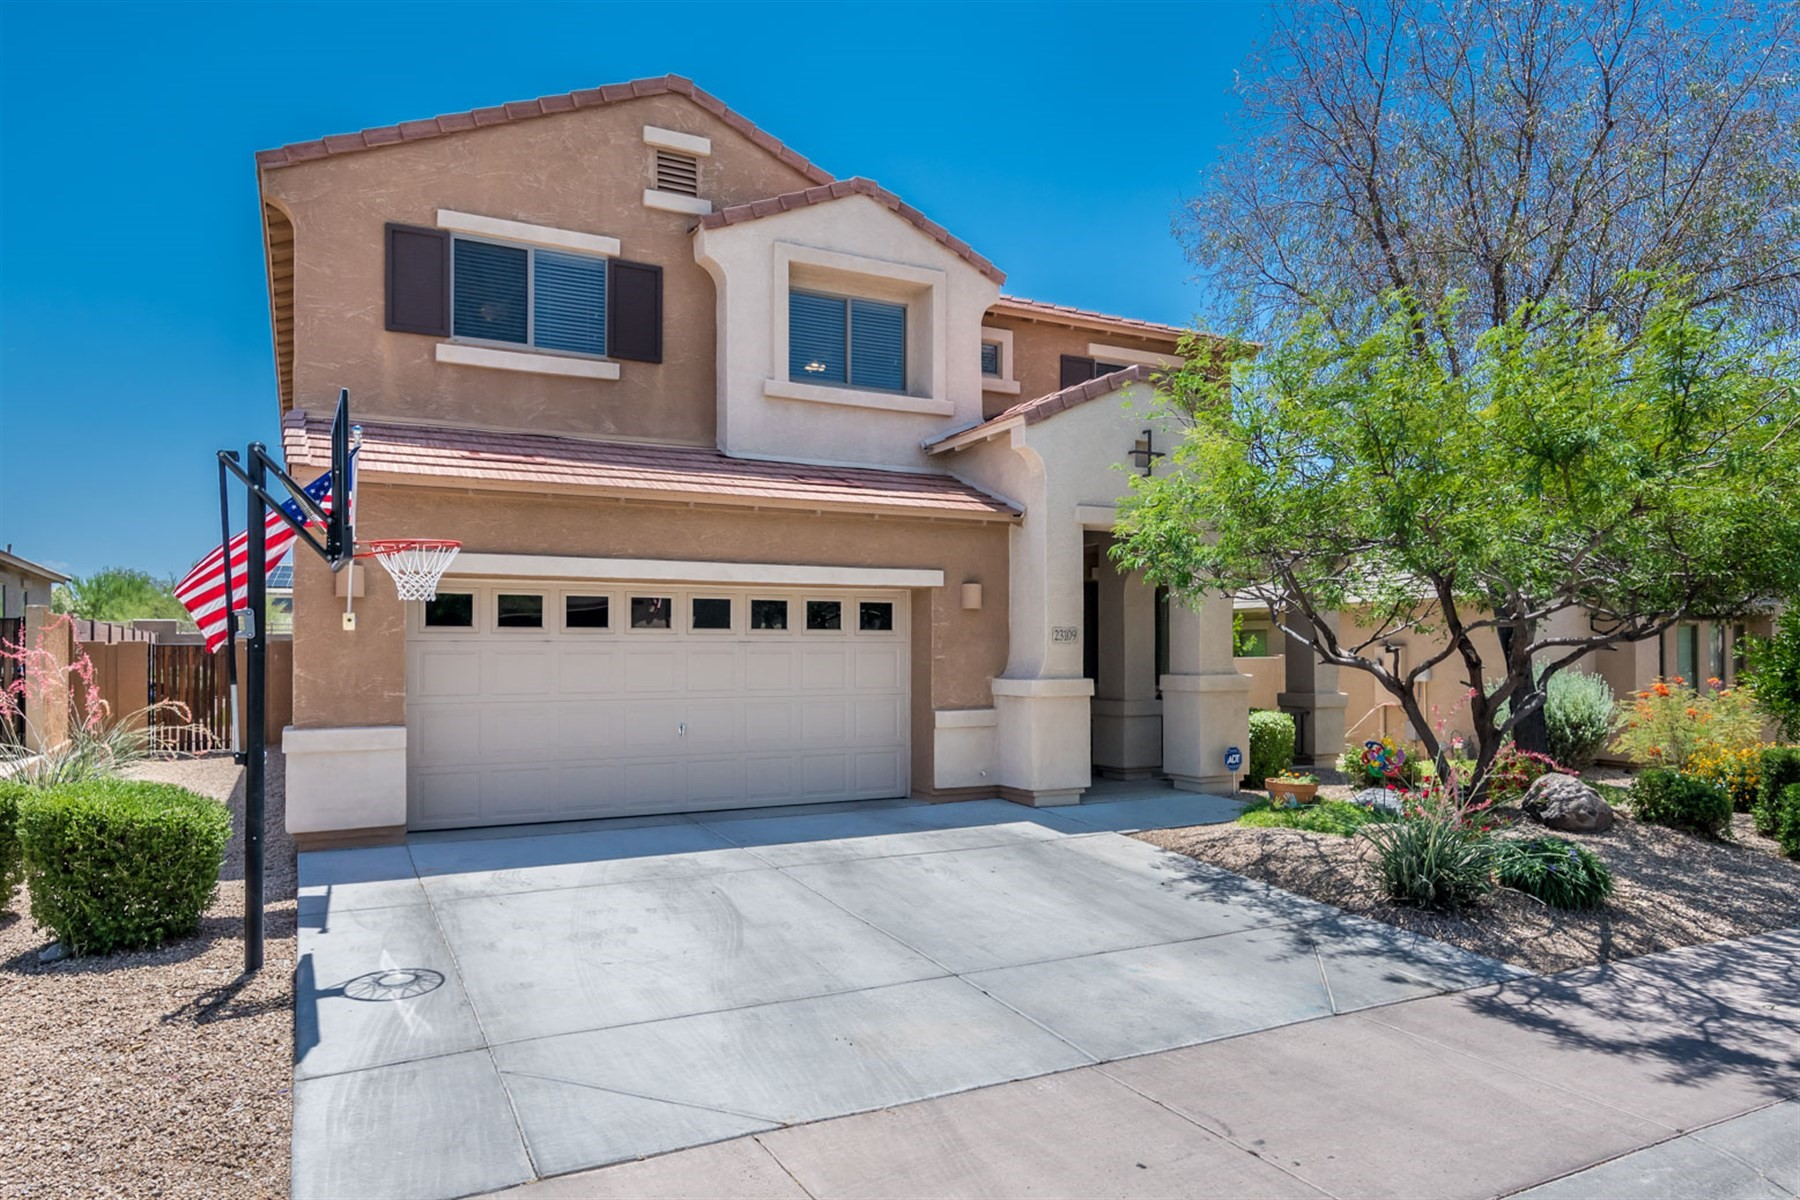 Maison unifamiliale pour l Vente à Amazing two story home in Desert Ridge 23109 N 41st St Phoenix, Arizona, 85050 États-Unis